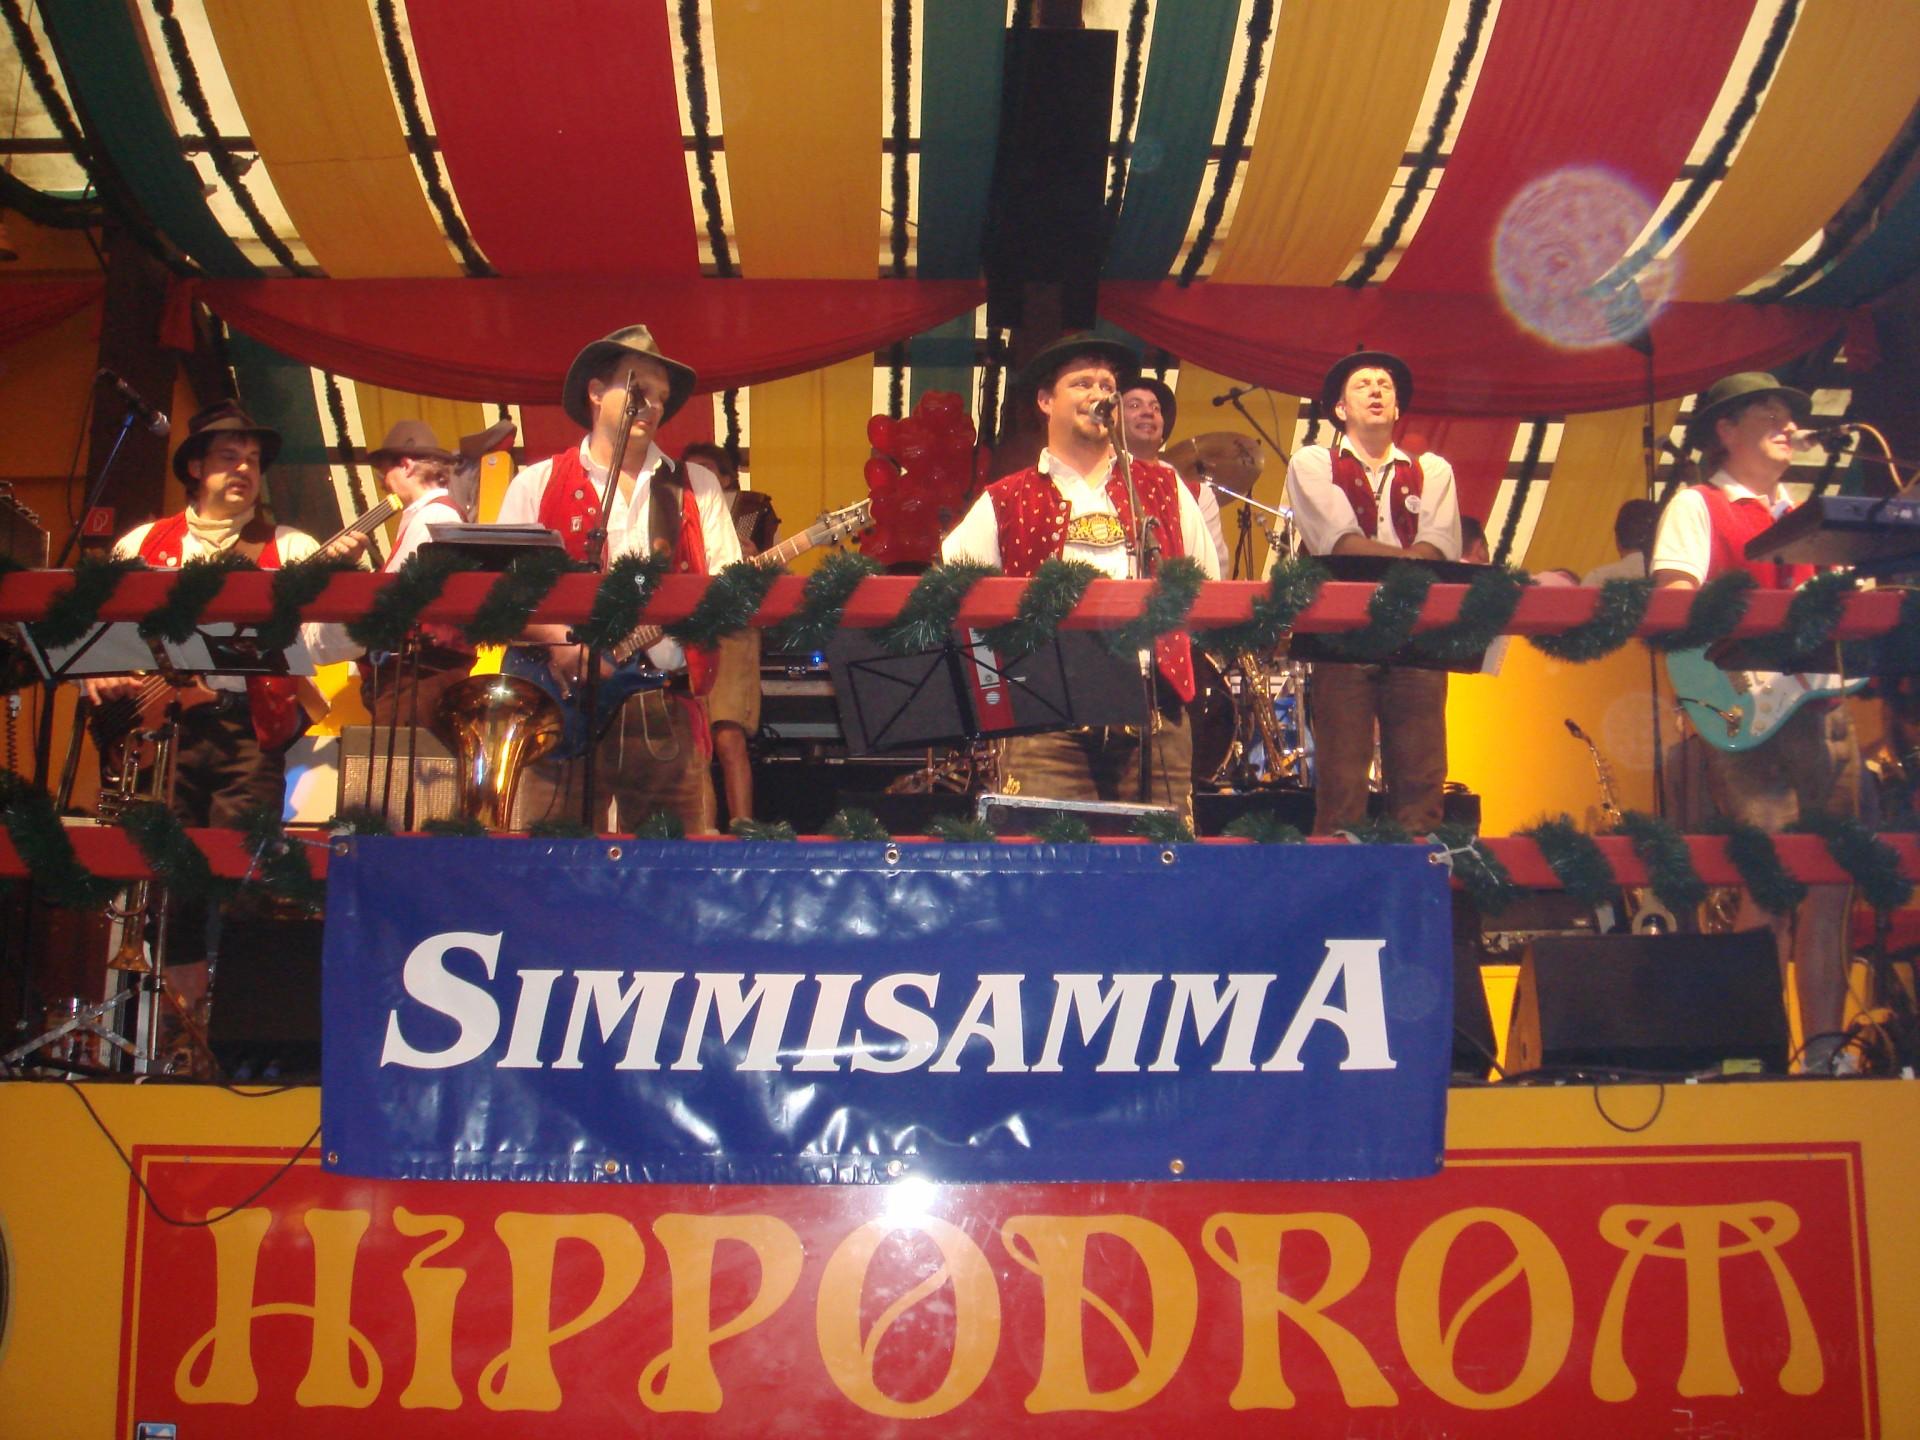 Simmisamma die Oktoberfestband – Konzert Hippodrom Oktoberfest München Deutschland 72